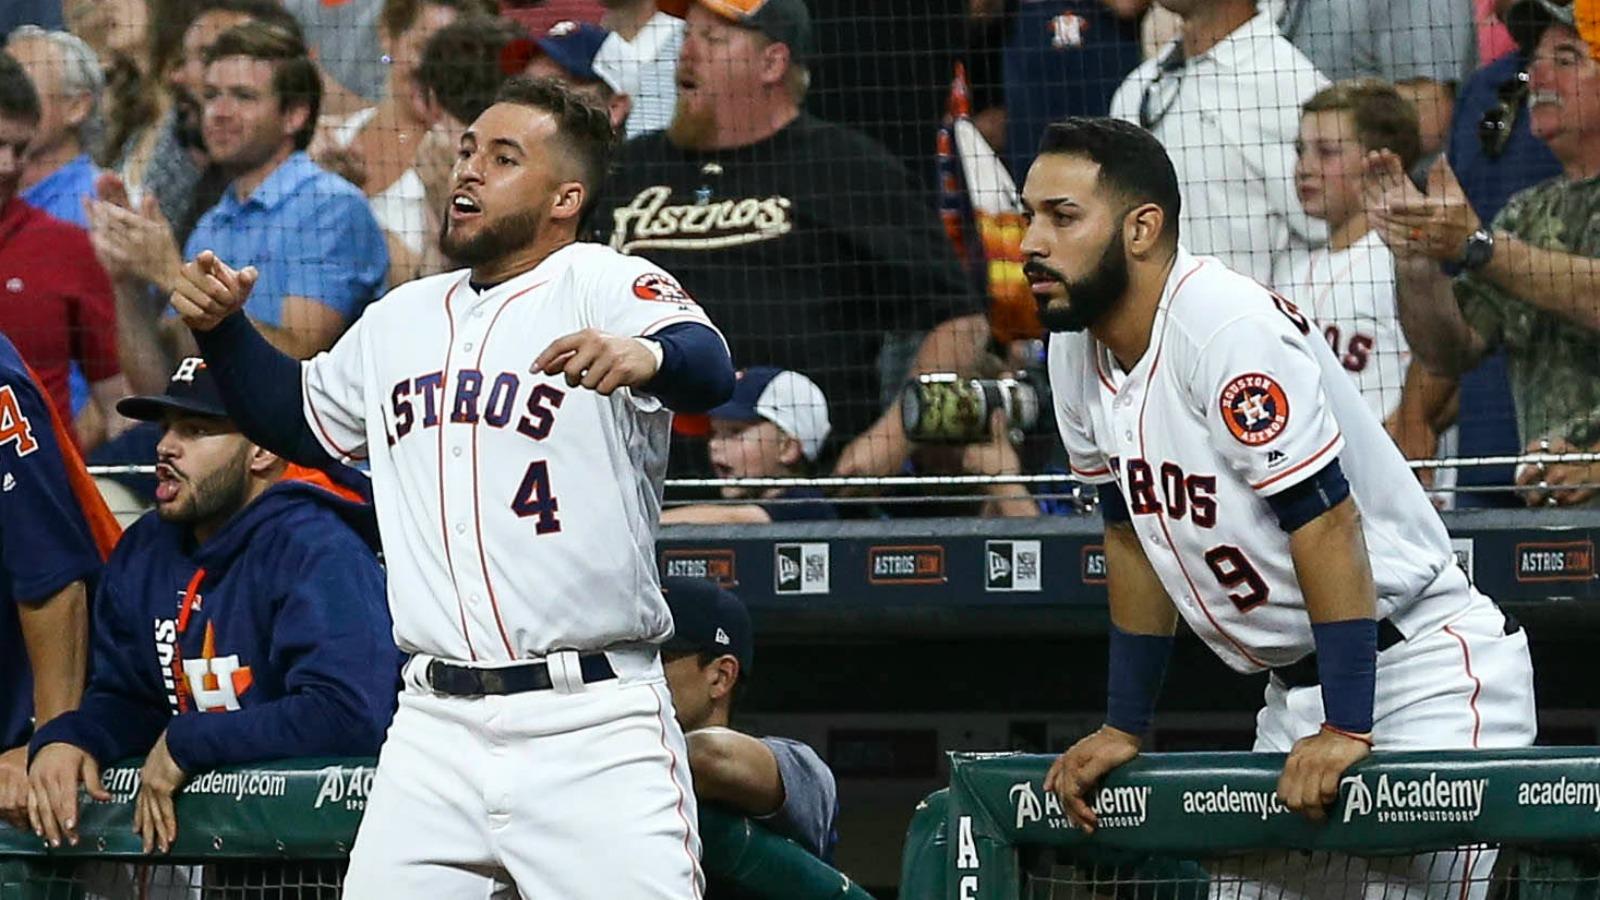 050517-MLB-AstrosWin-PI